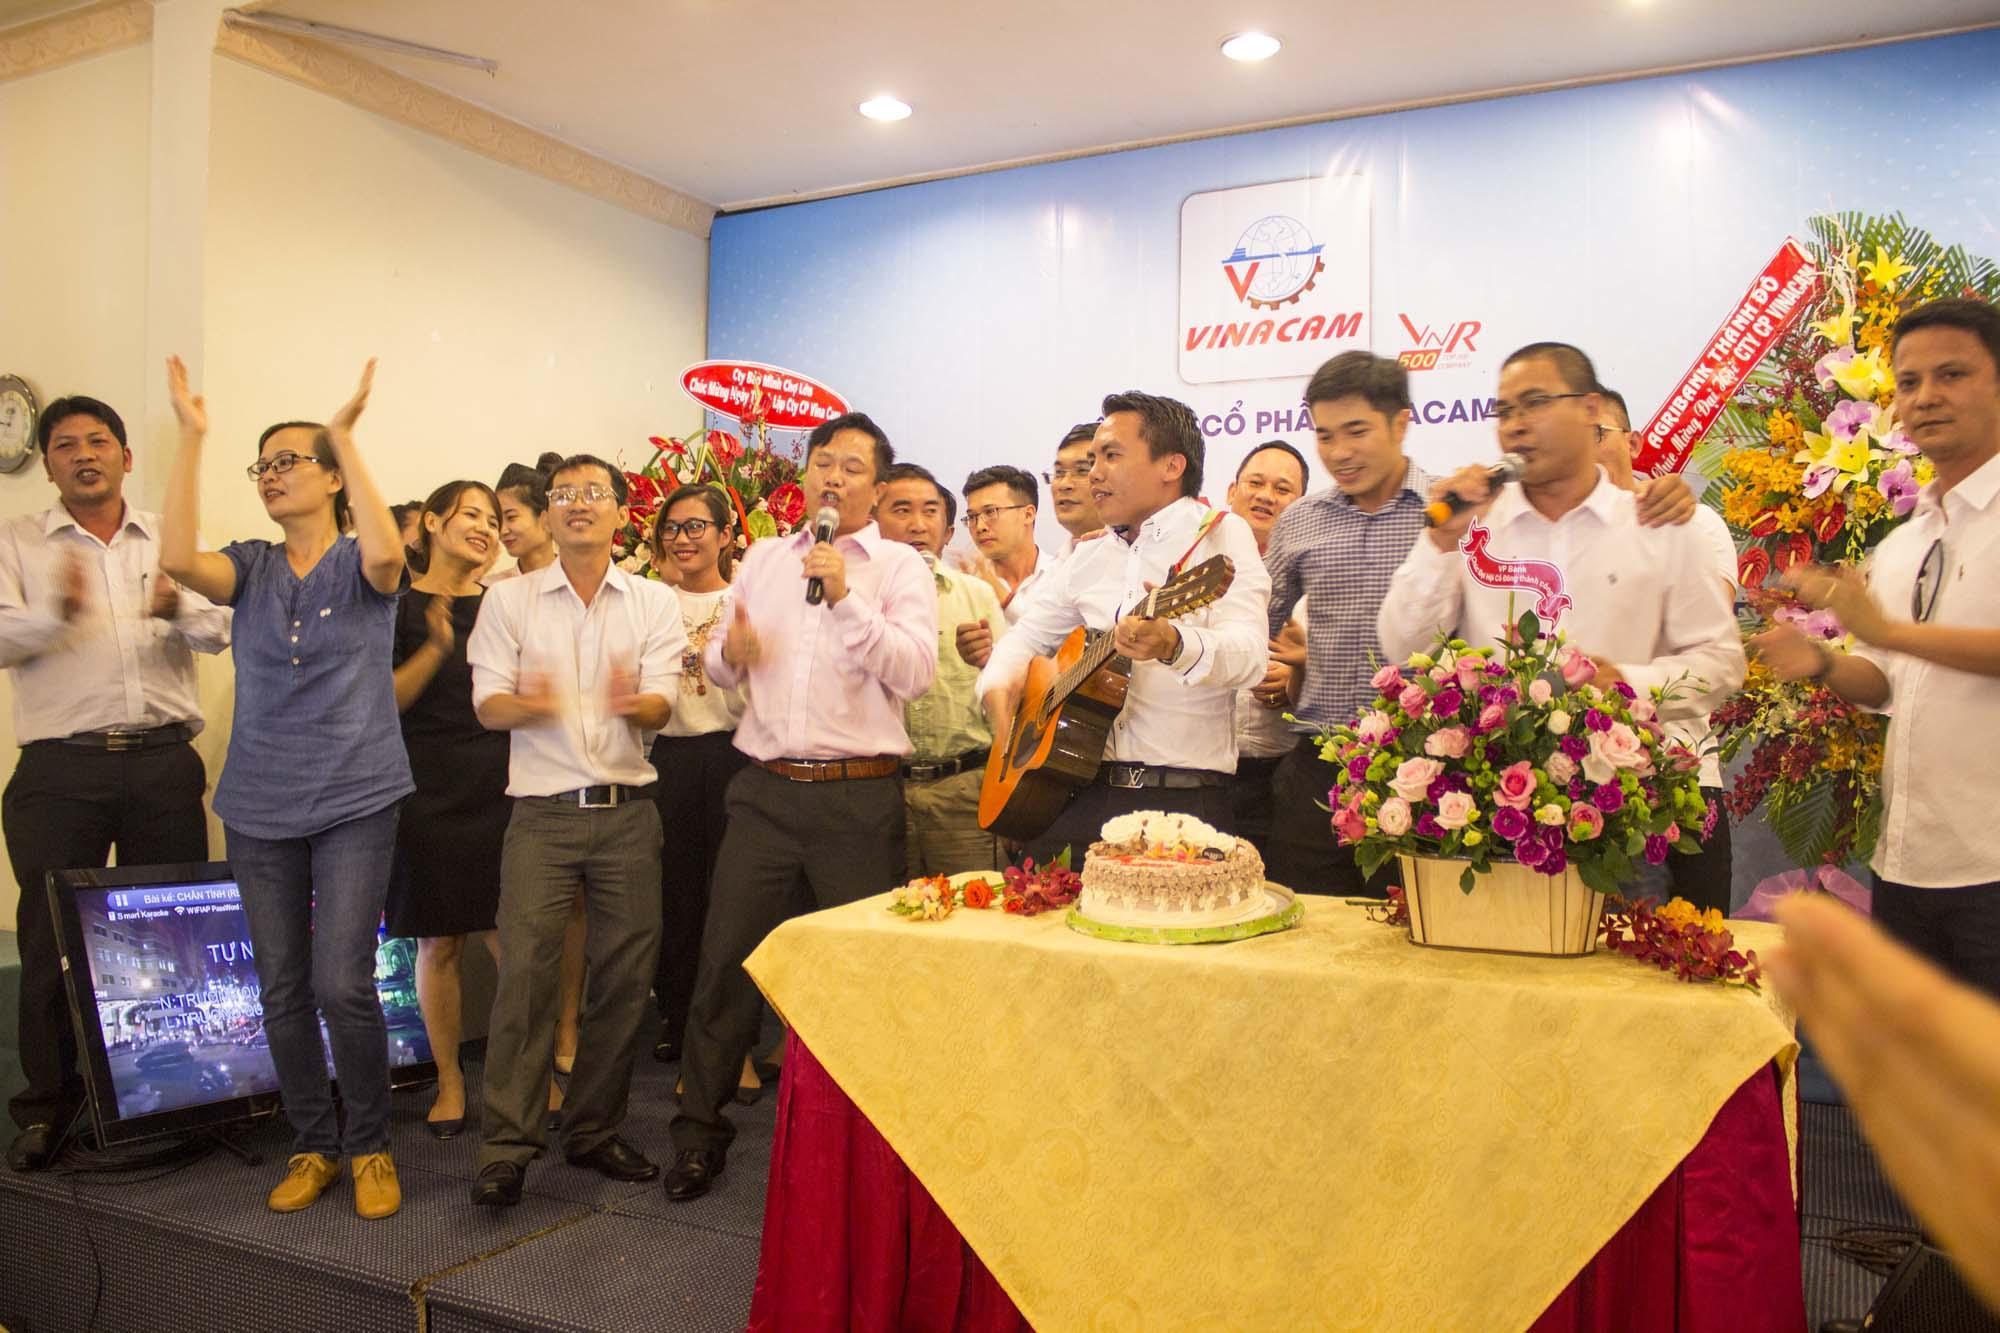 Vinacam tổ chức Đại hội thường niên và kỉ niệm sinh nhật lần thứ 12